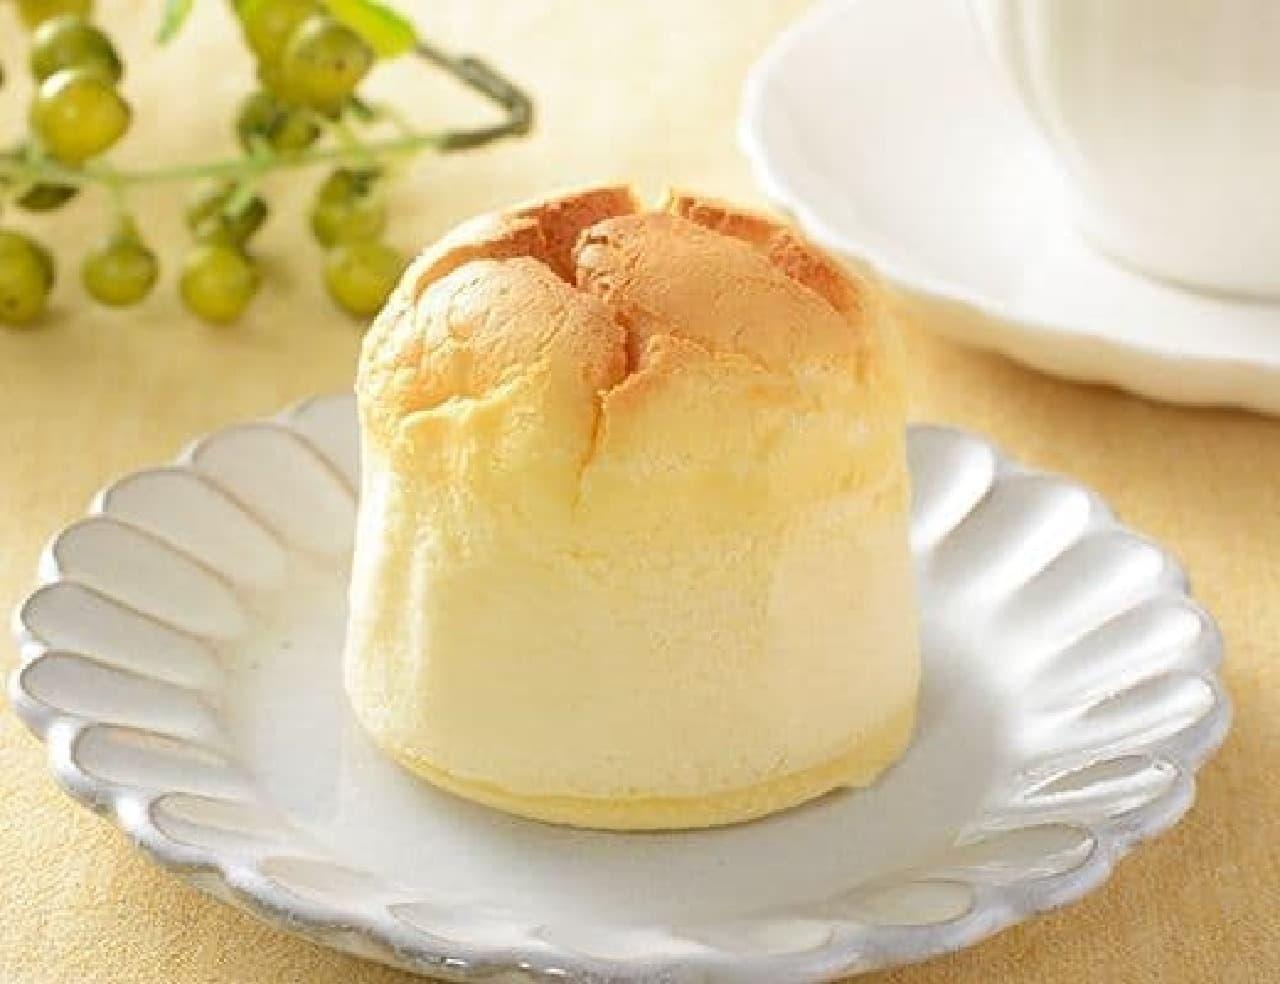 ローソン「スフレチーズケーキ」